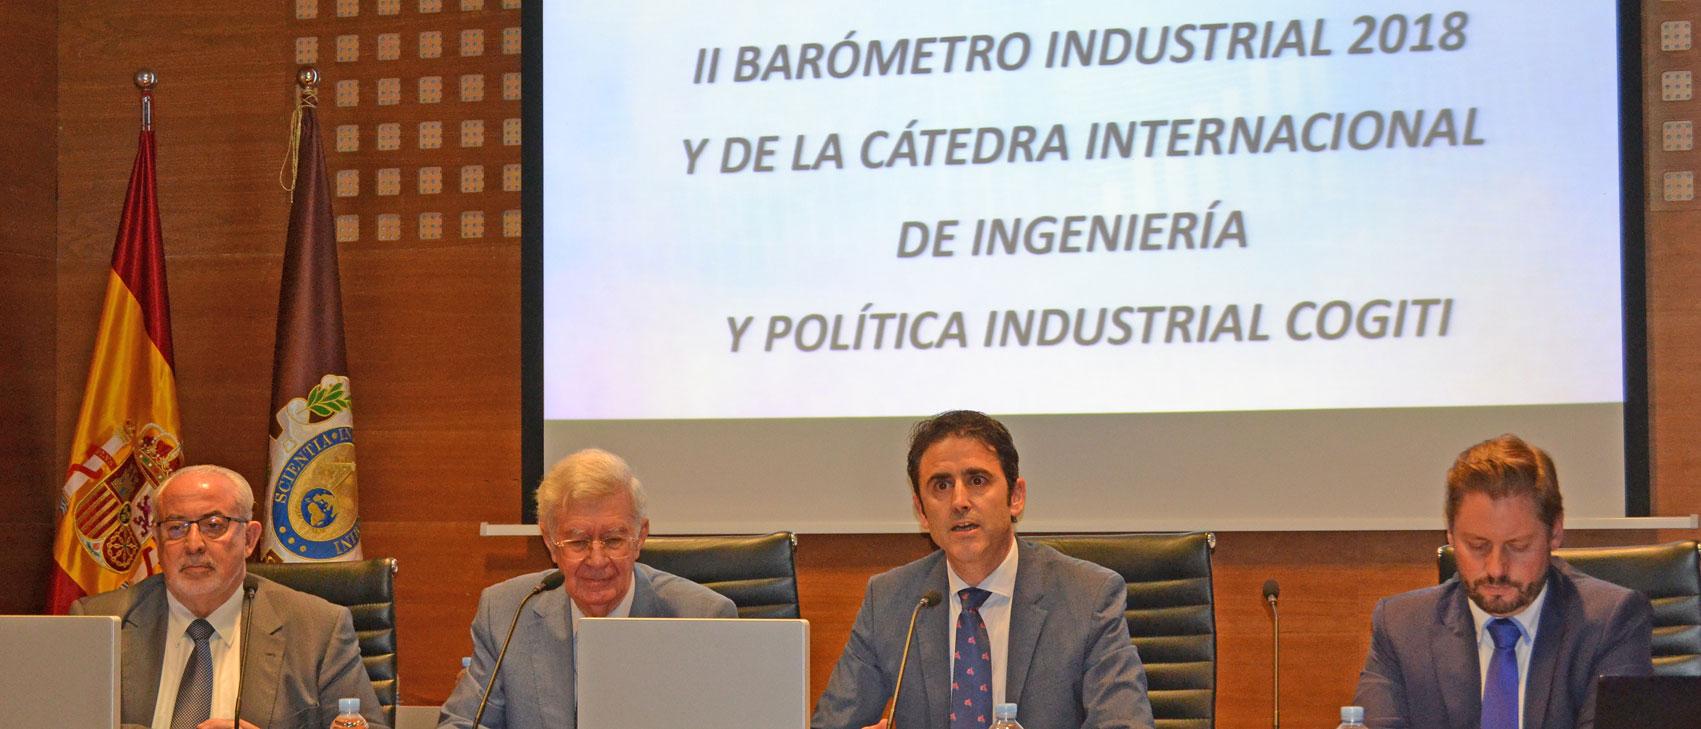 Los ingenieros confían en el sector industrial, pero suspenden la labor de las Administraciones